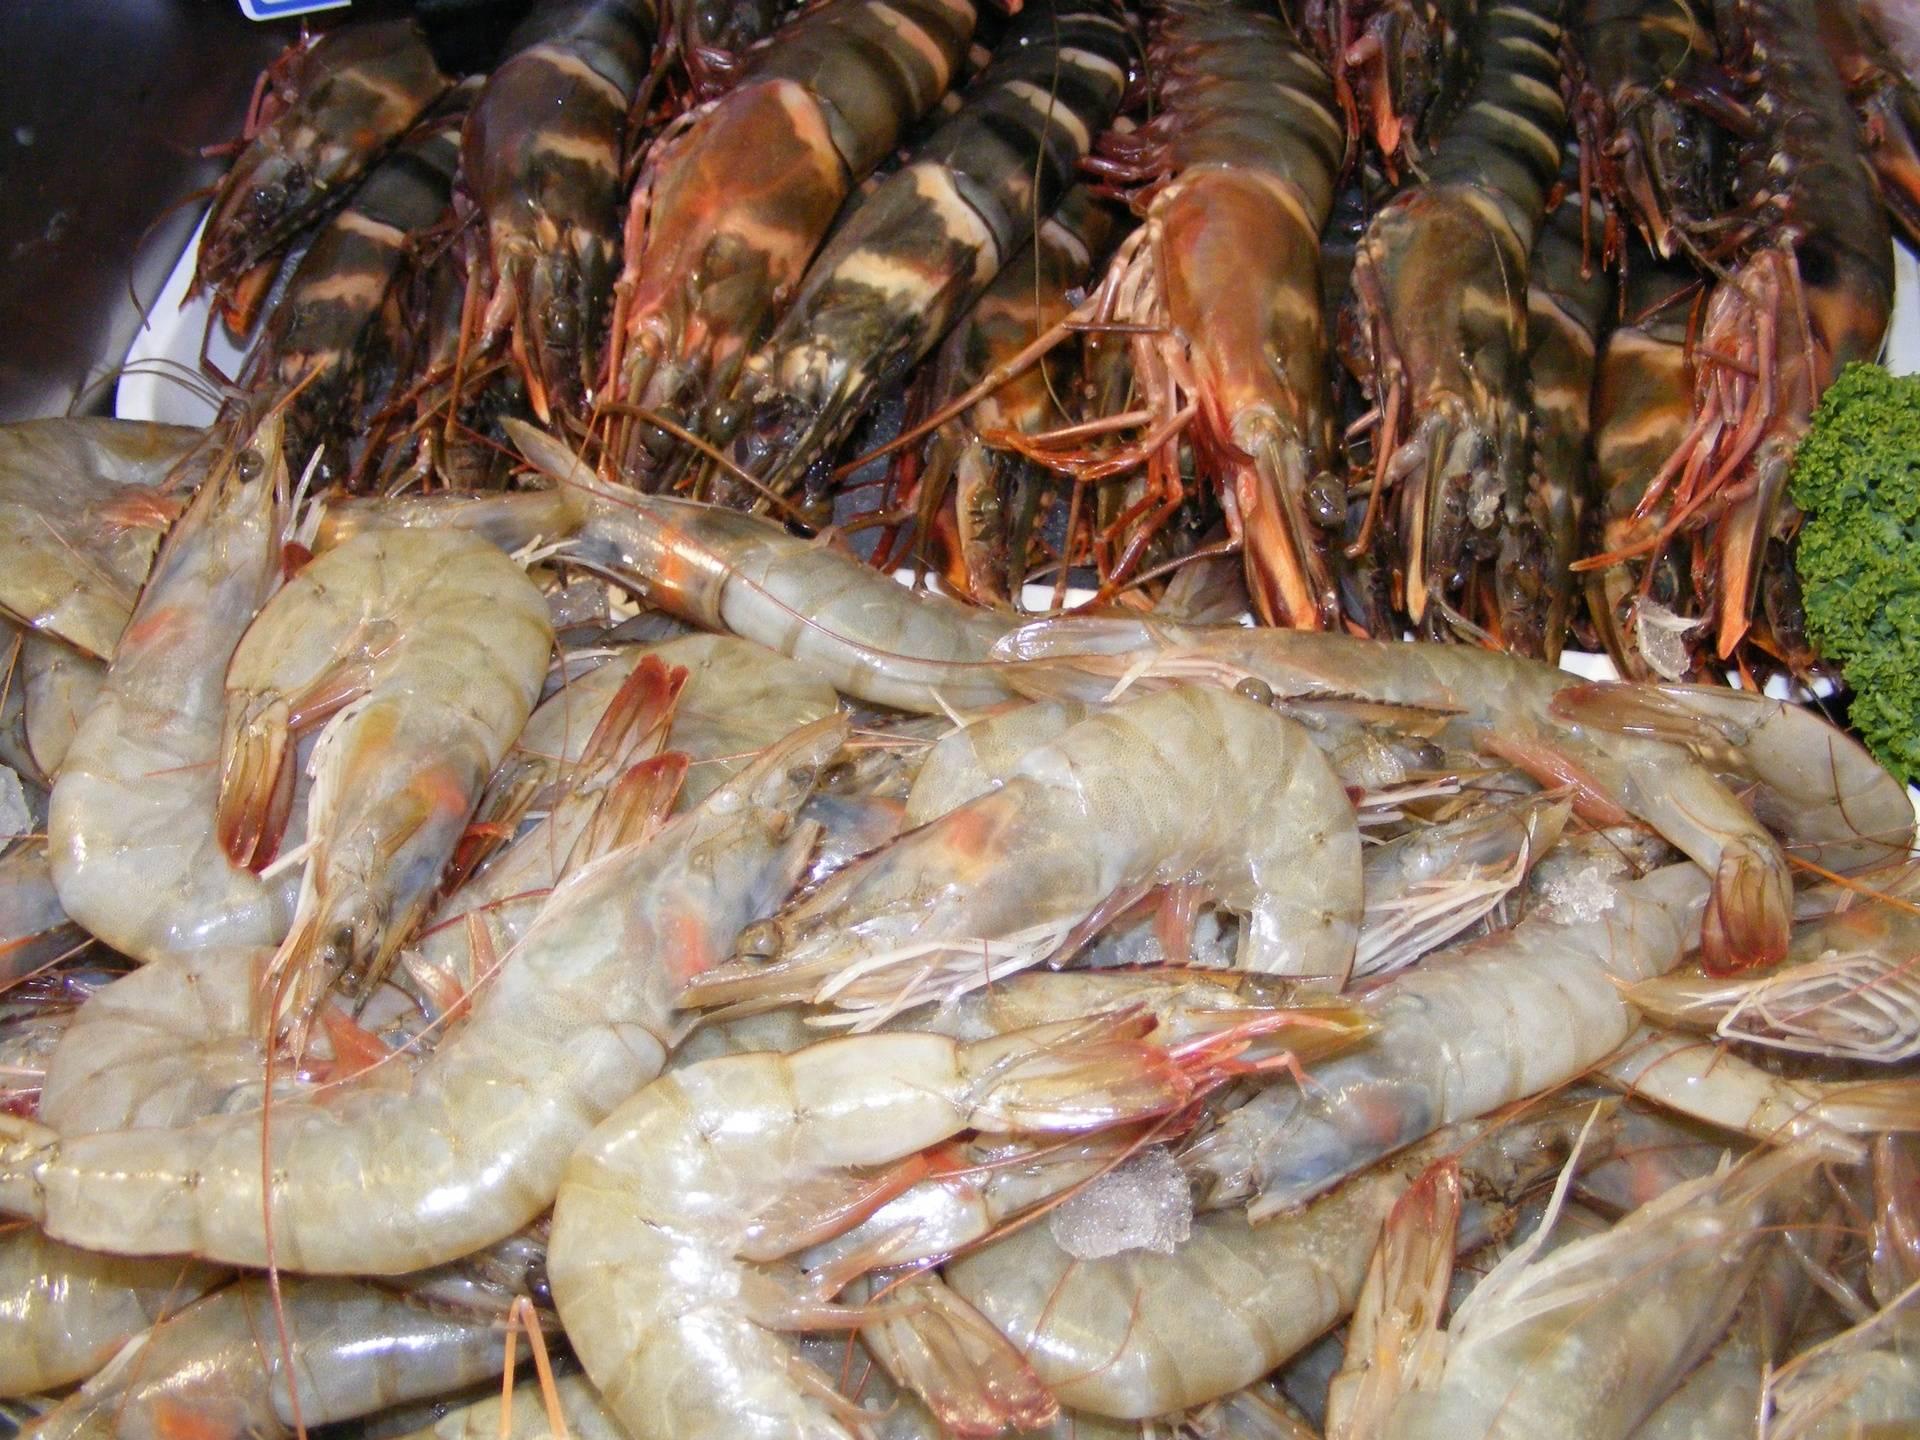 raw shell on prawnws